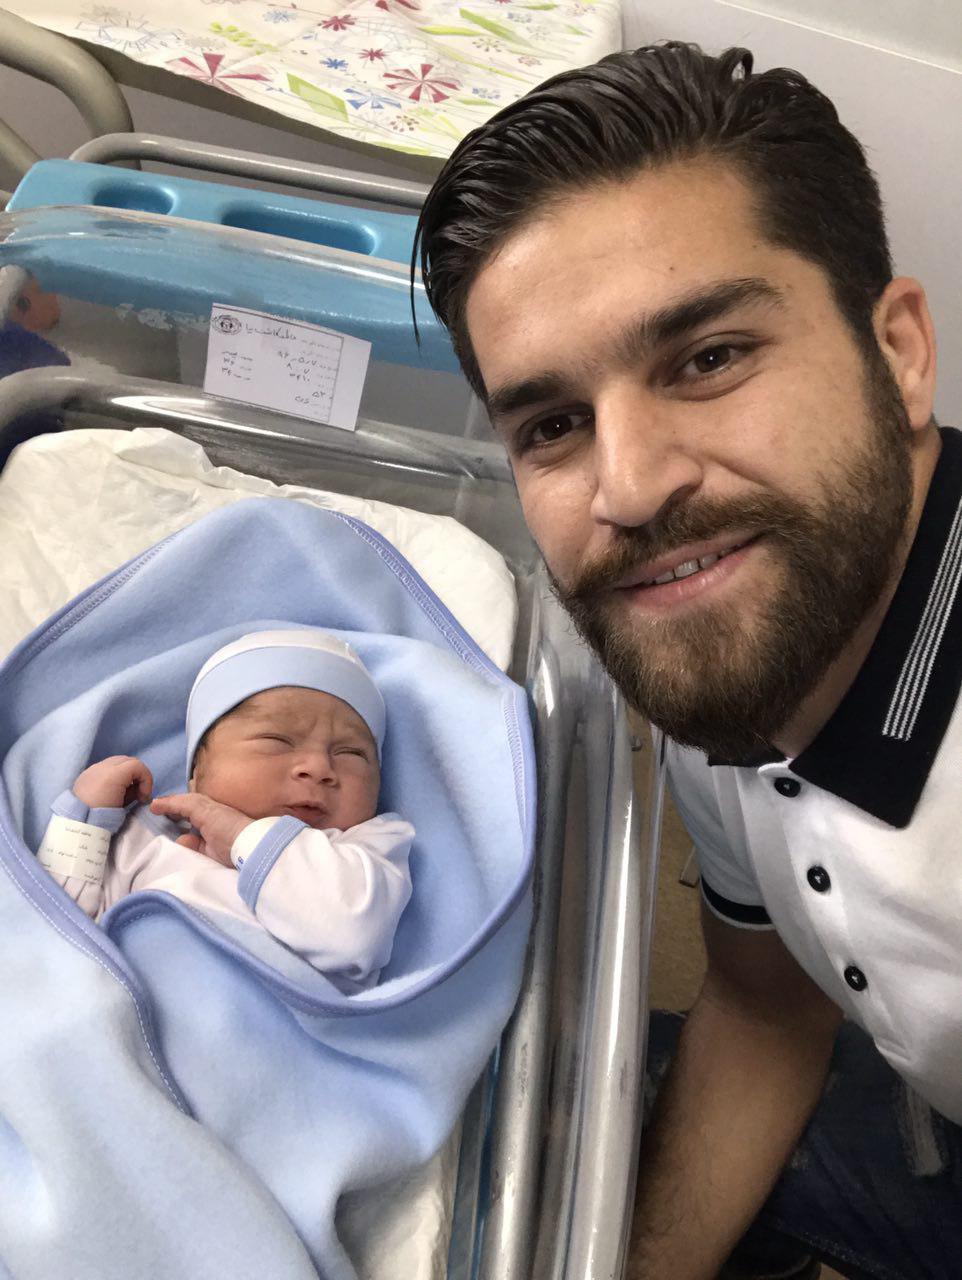 تصویر تازه منتشر شده از بابک حاتمی و فرزندش